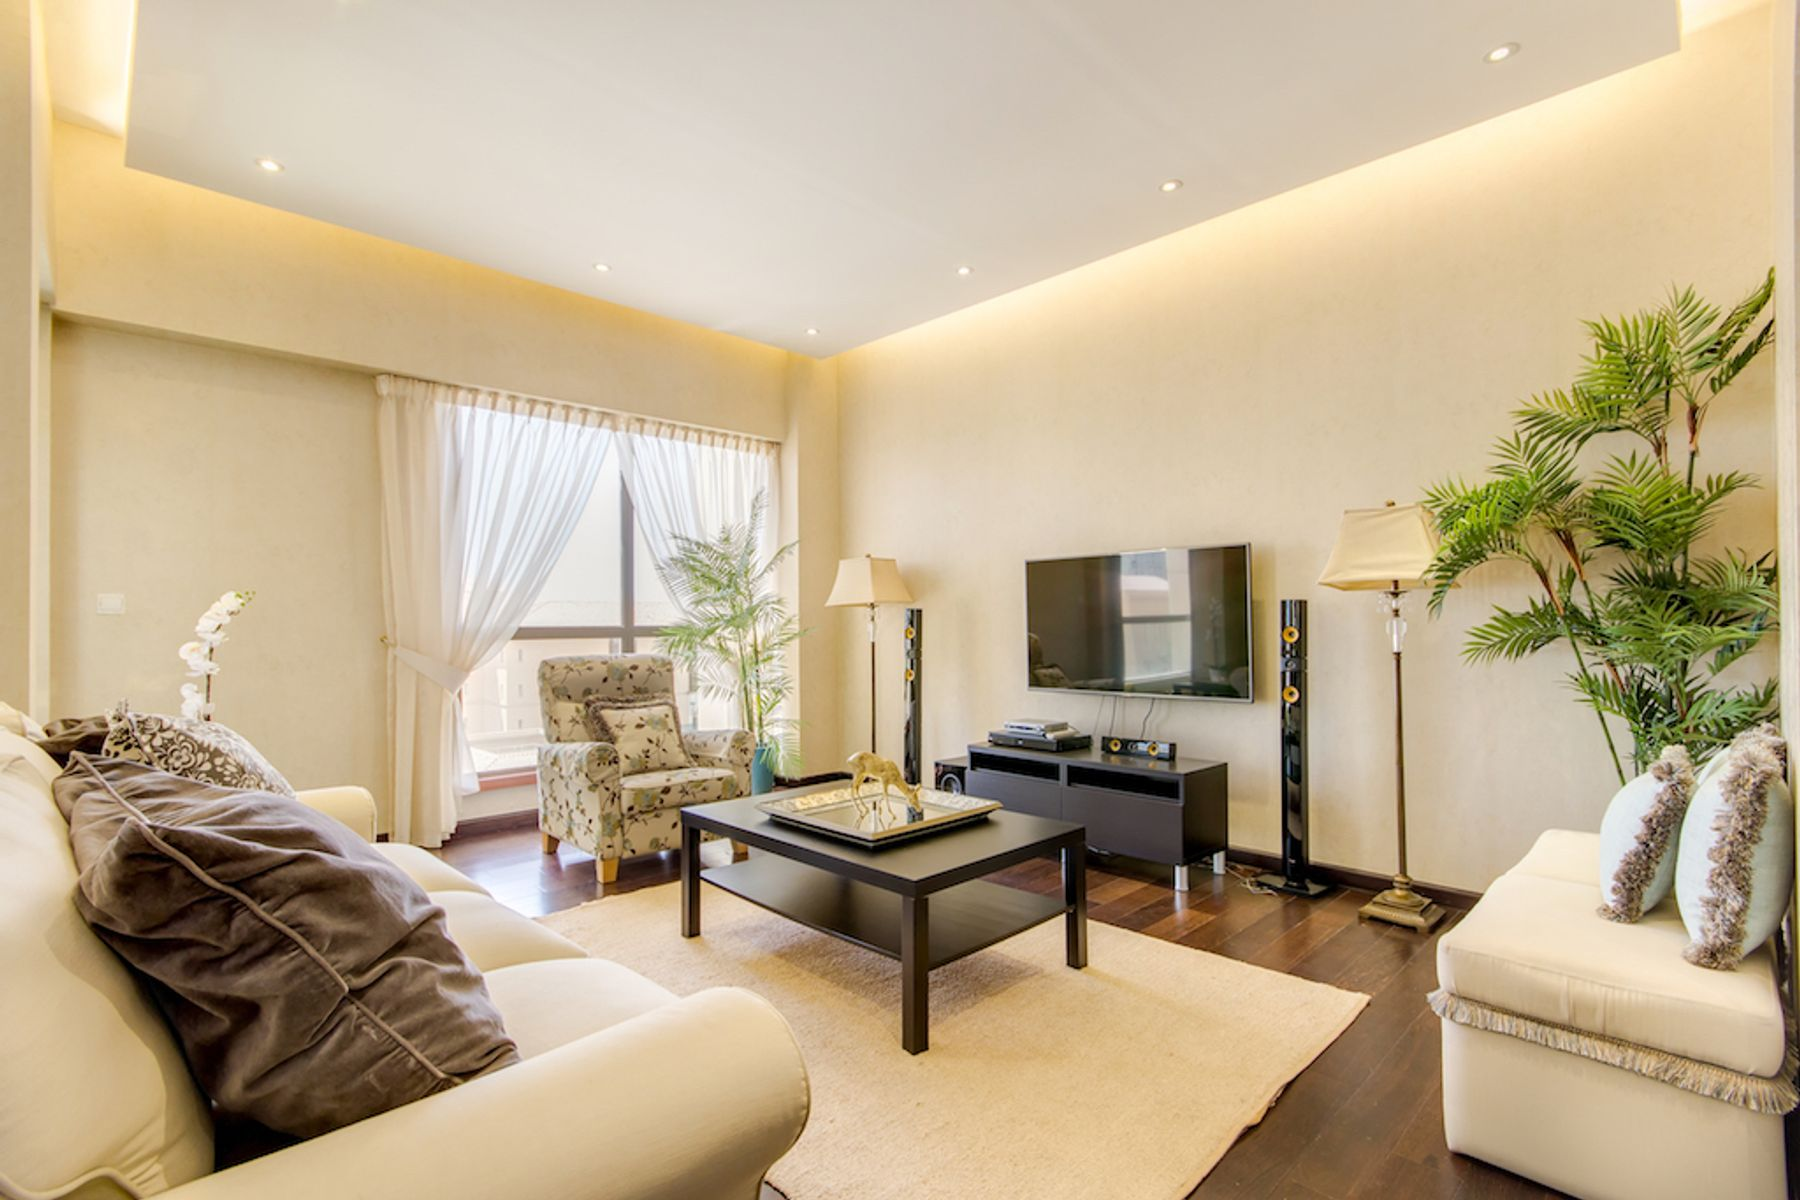 UNBEATABLE Lowest Price! Beachfront 3BR + Maid's Room in Sadaf 5 in JBR